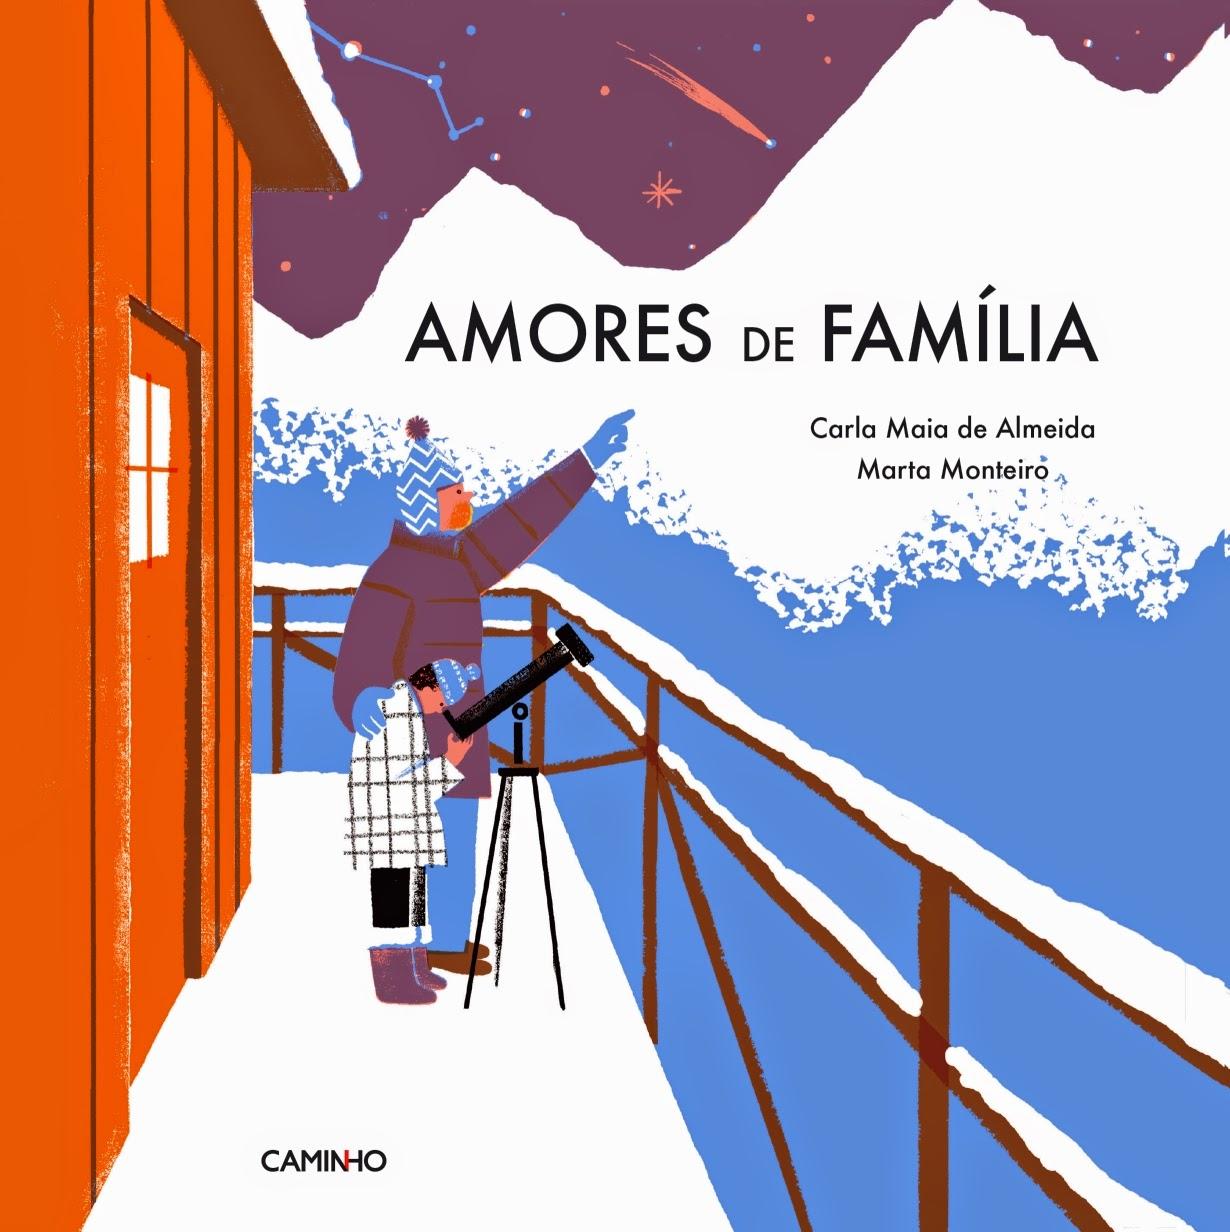 AMORES DE FAMÍLIA (PNL - APOIO A PROJECTOS/EDUCAÇÃO PARA A CIDADANIA, 3º, 4º, 5º, 6º)